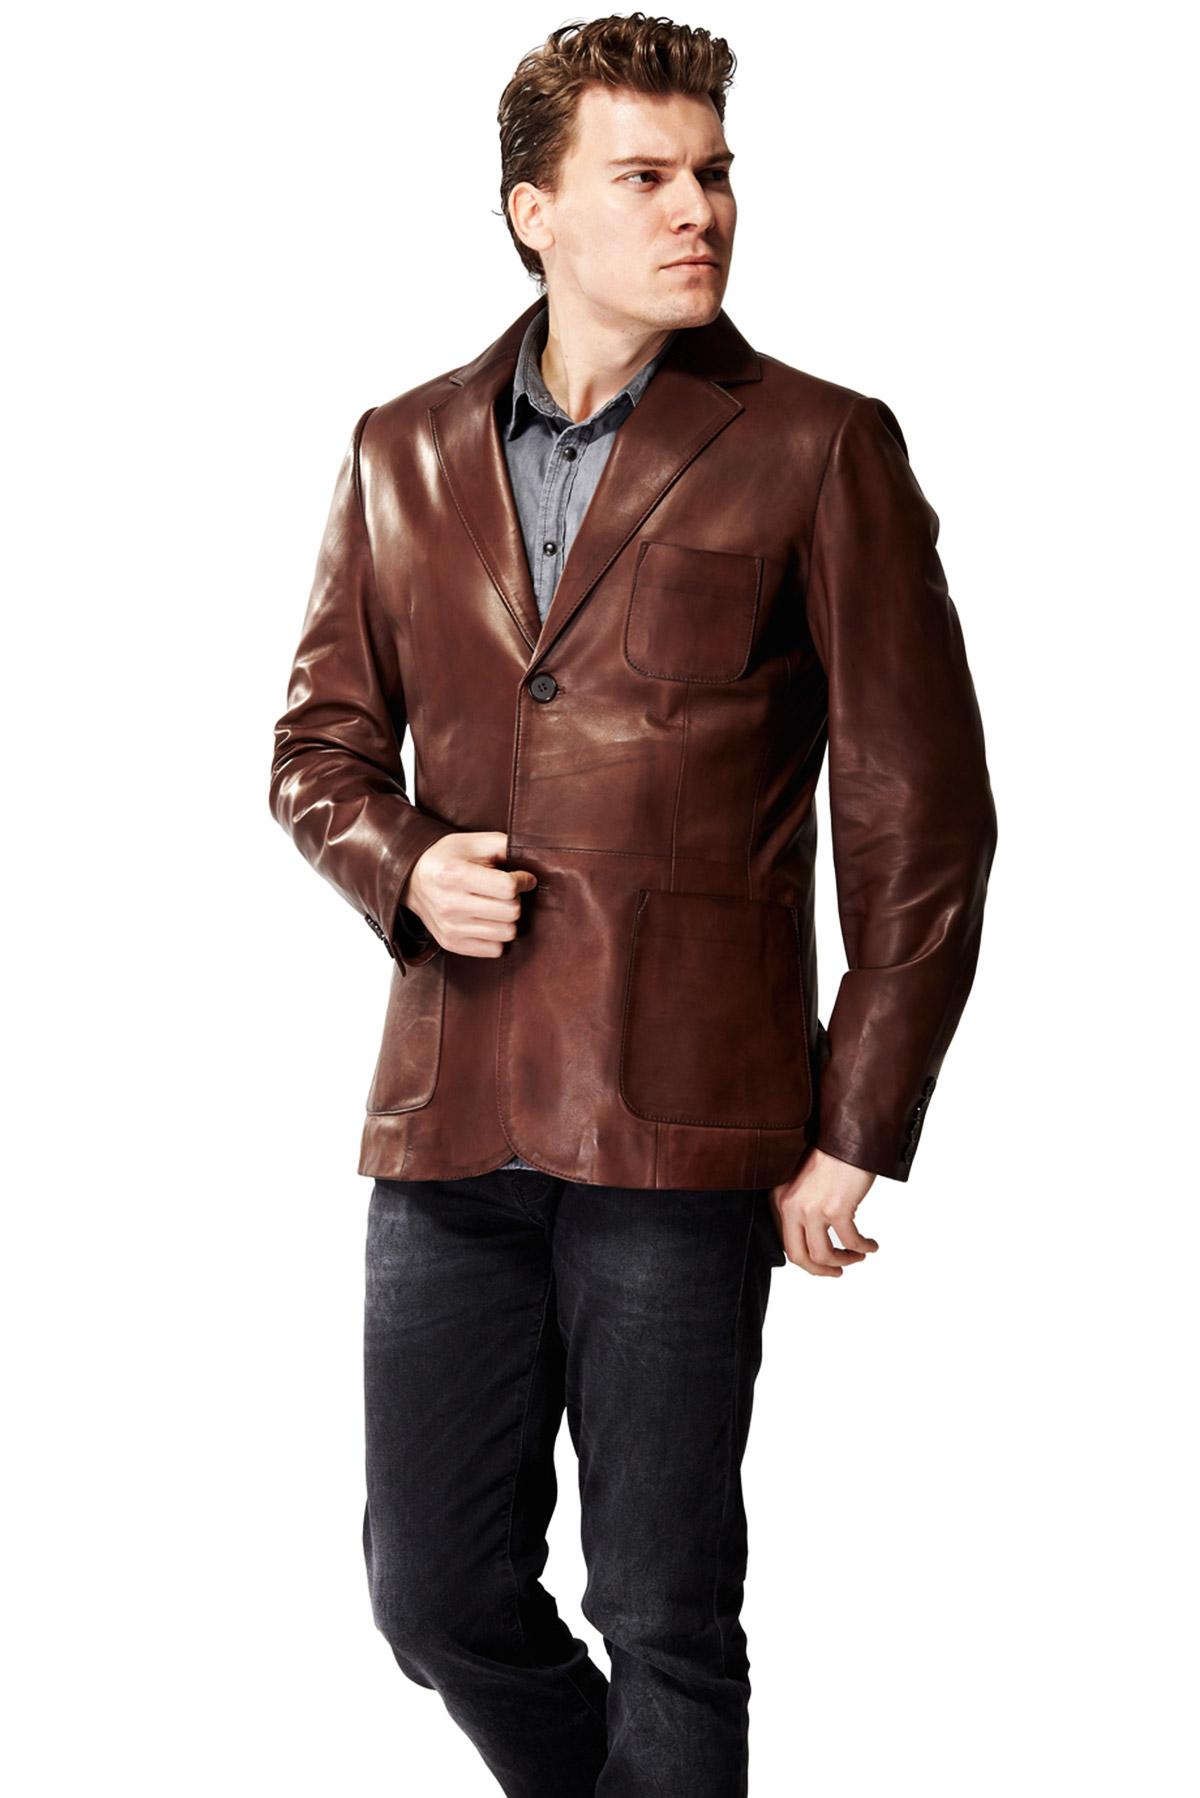 fendi men's leather jacket